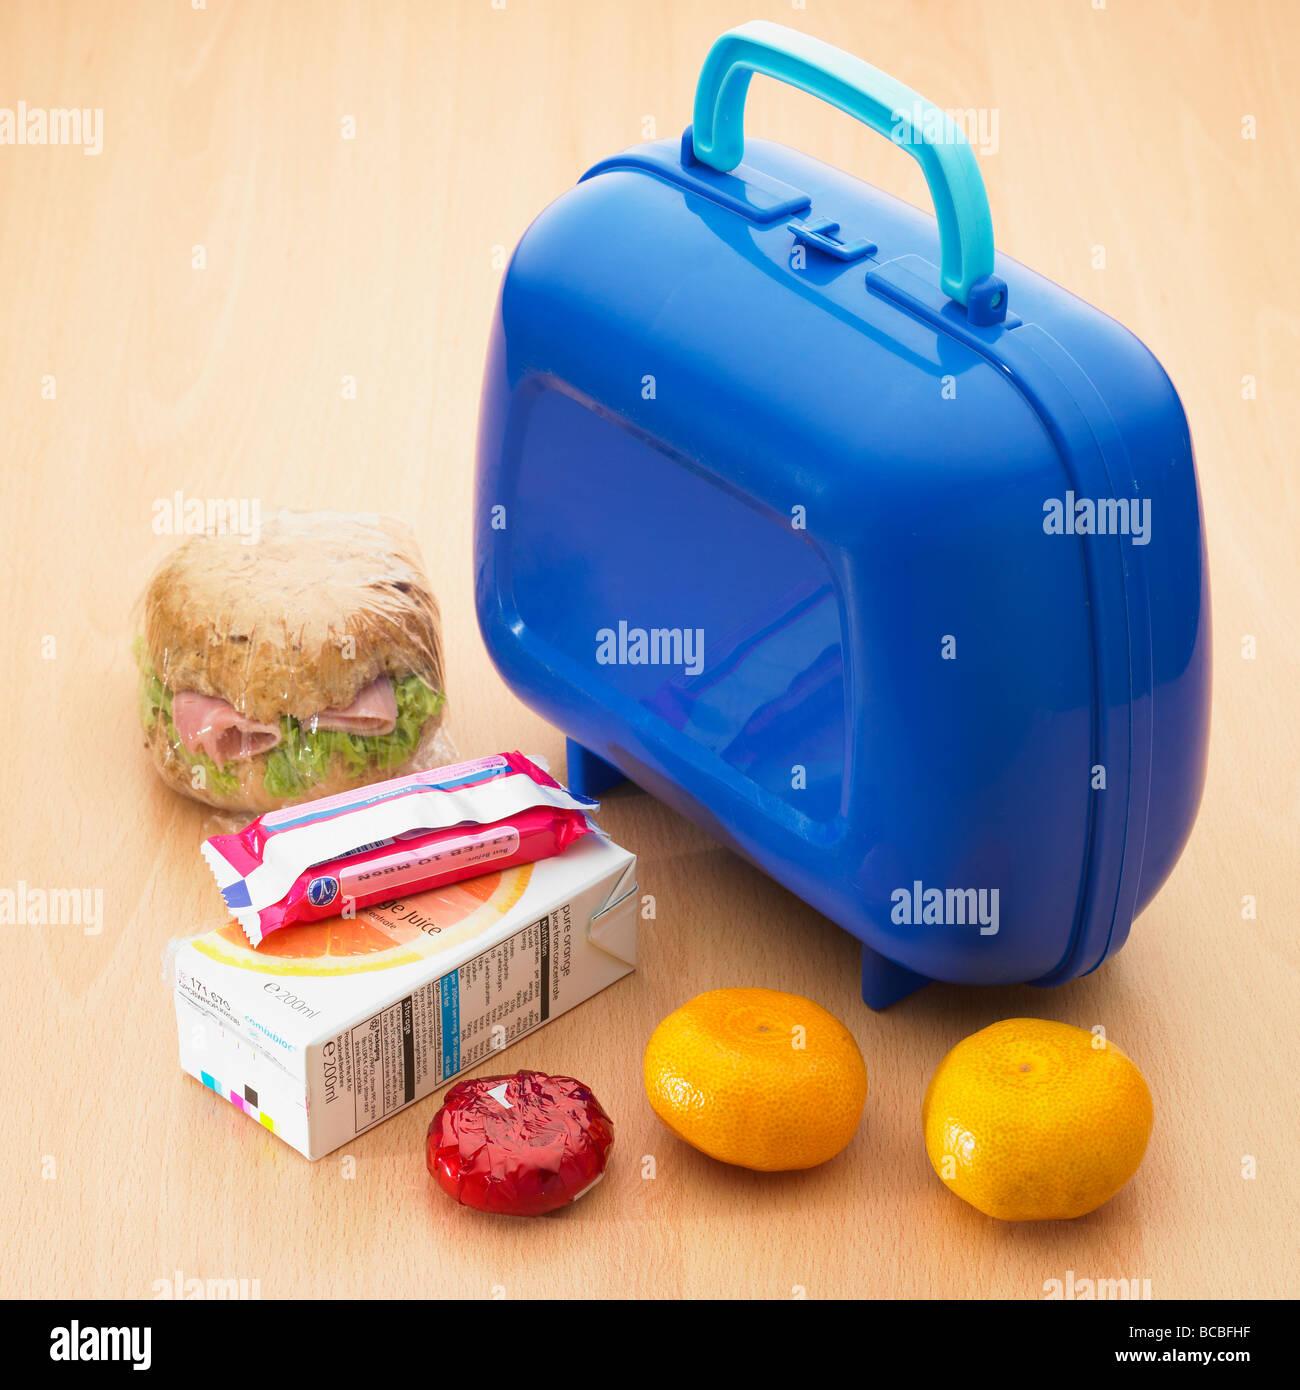 Escuela infantil saludable lunch box con integrales roll, satsumas, luz queso, zumo de naranja y galletas. Imagen De Stock